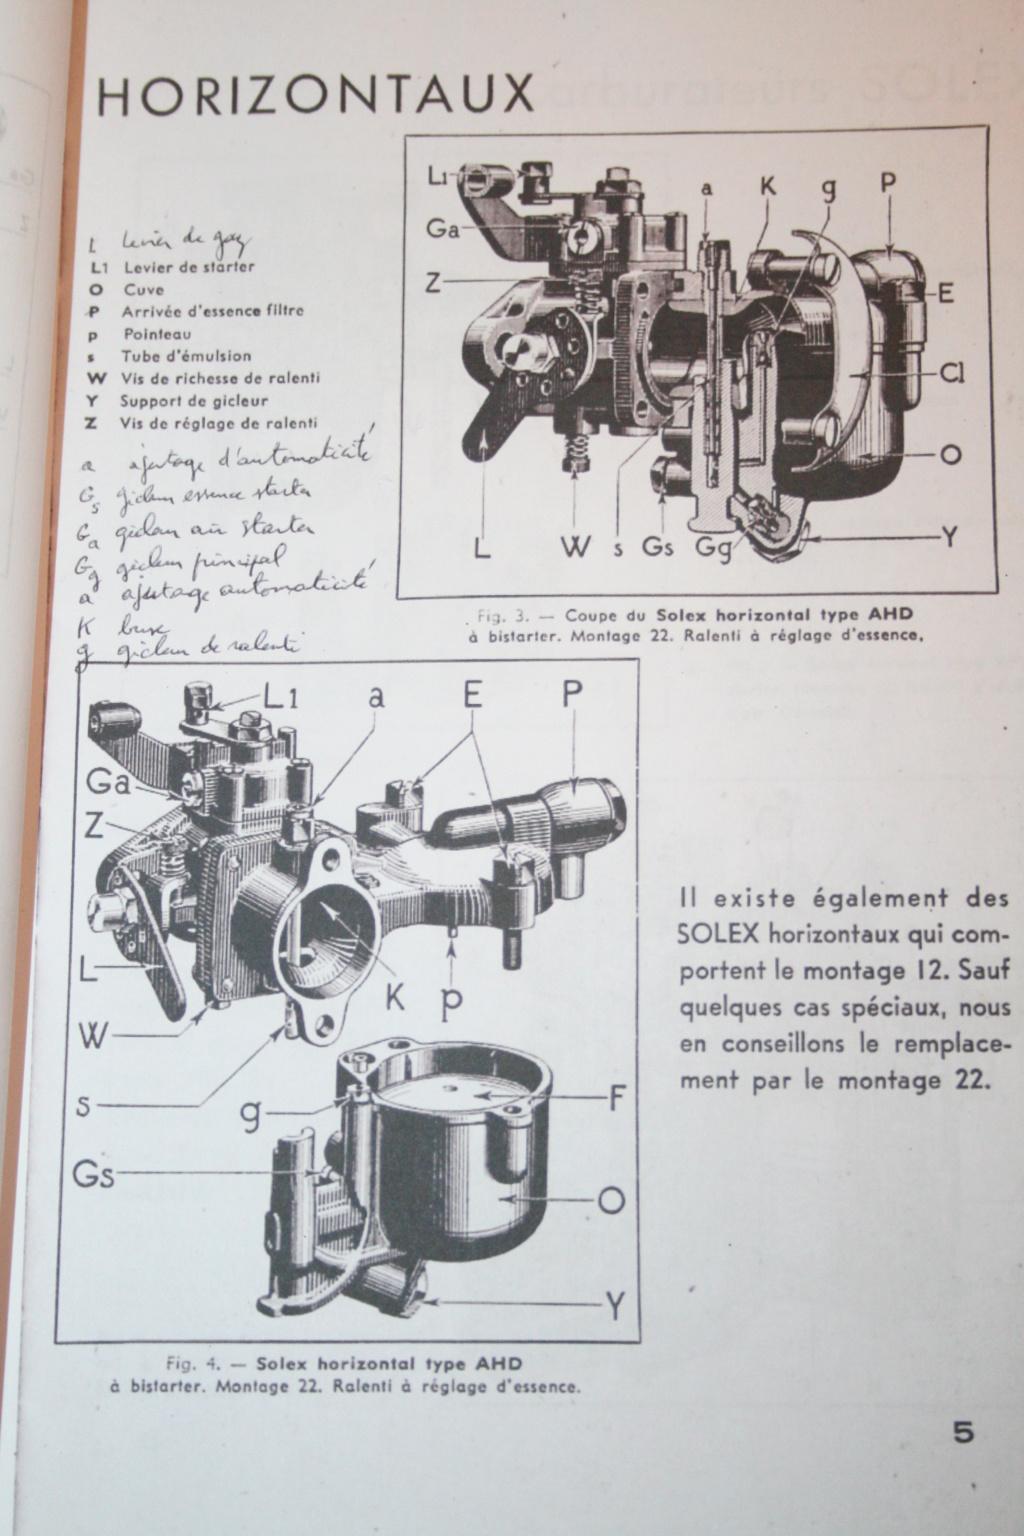 Pointeau sous la buse du carburateur Solex 26 ahd Img_4910